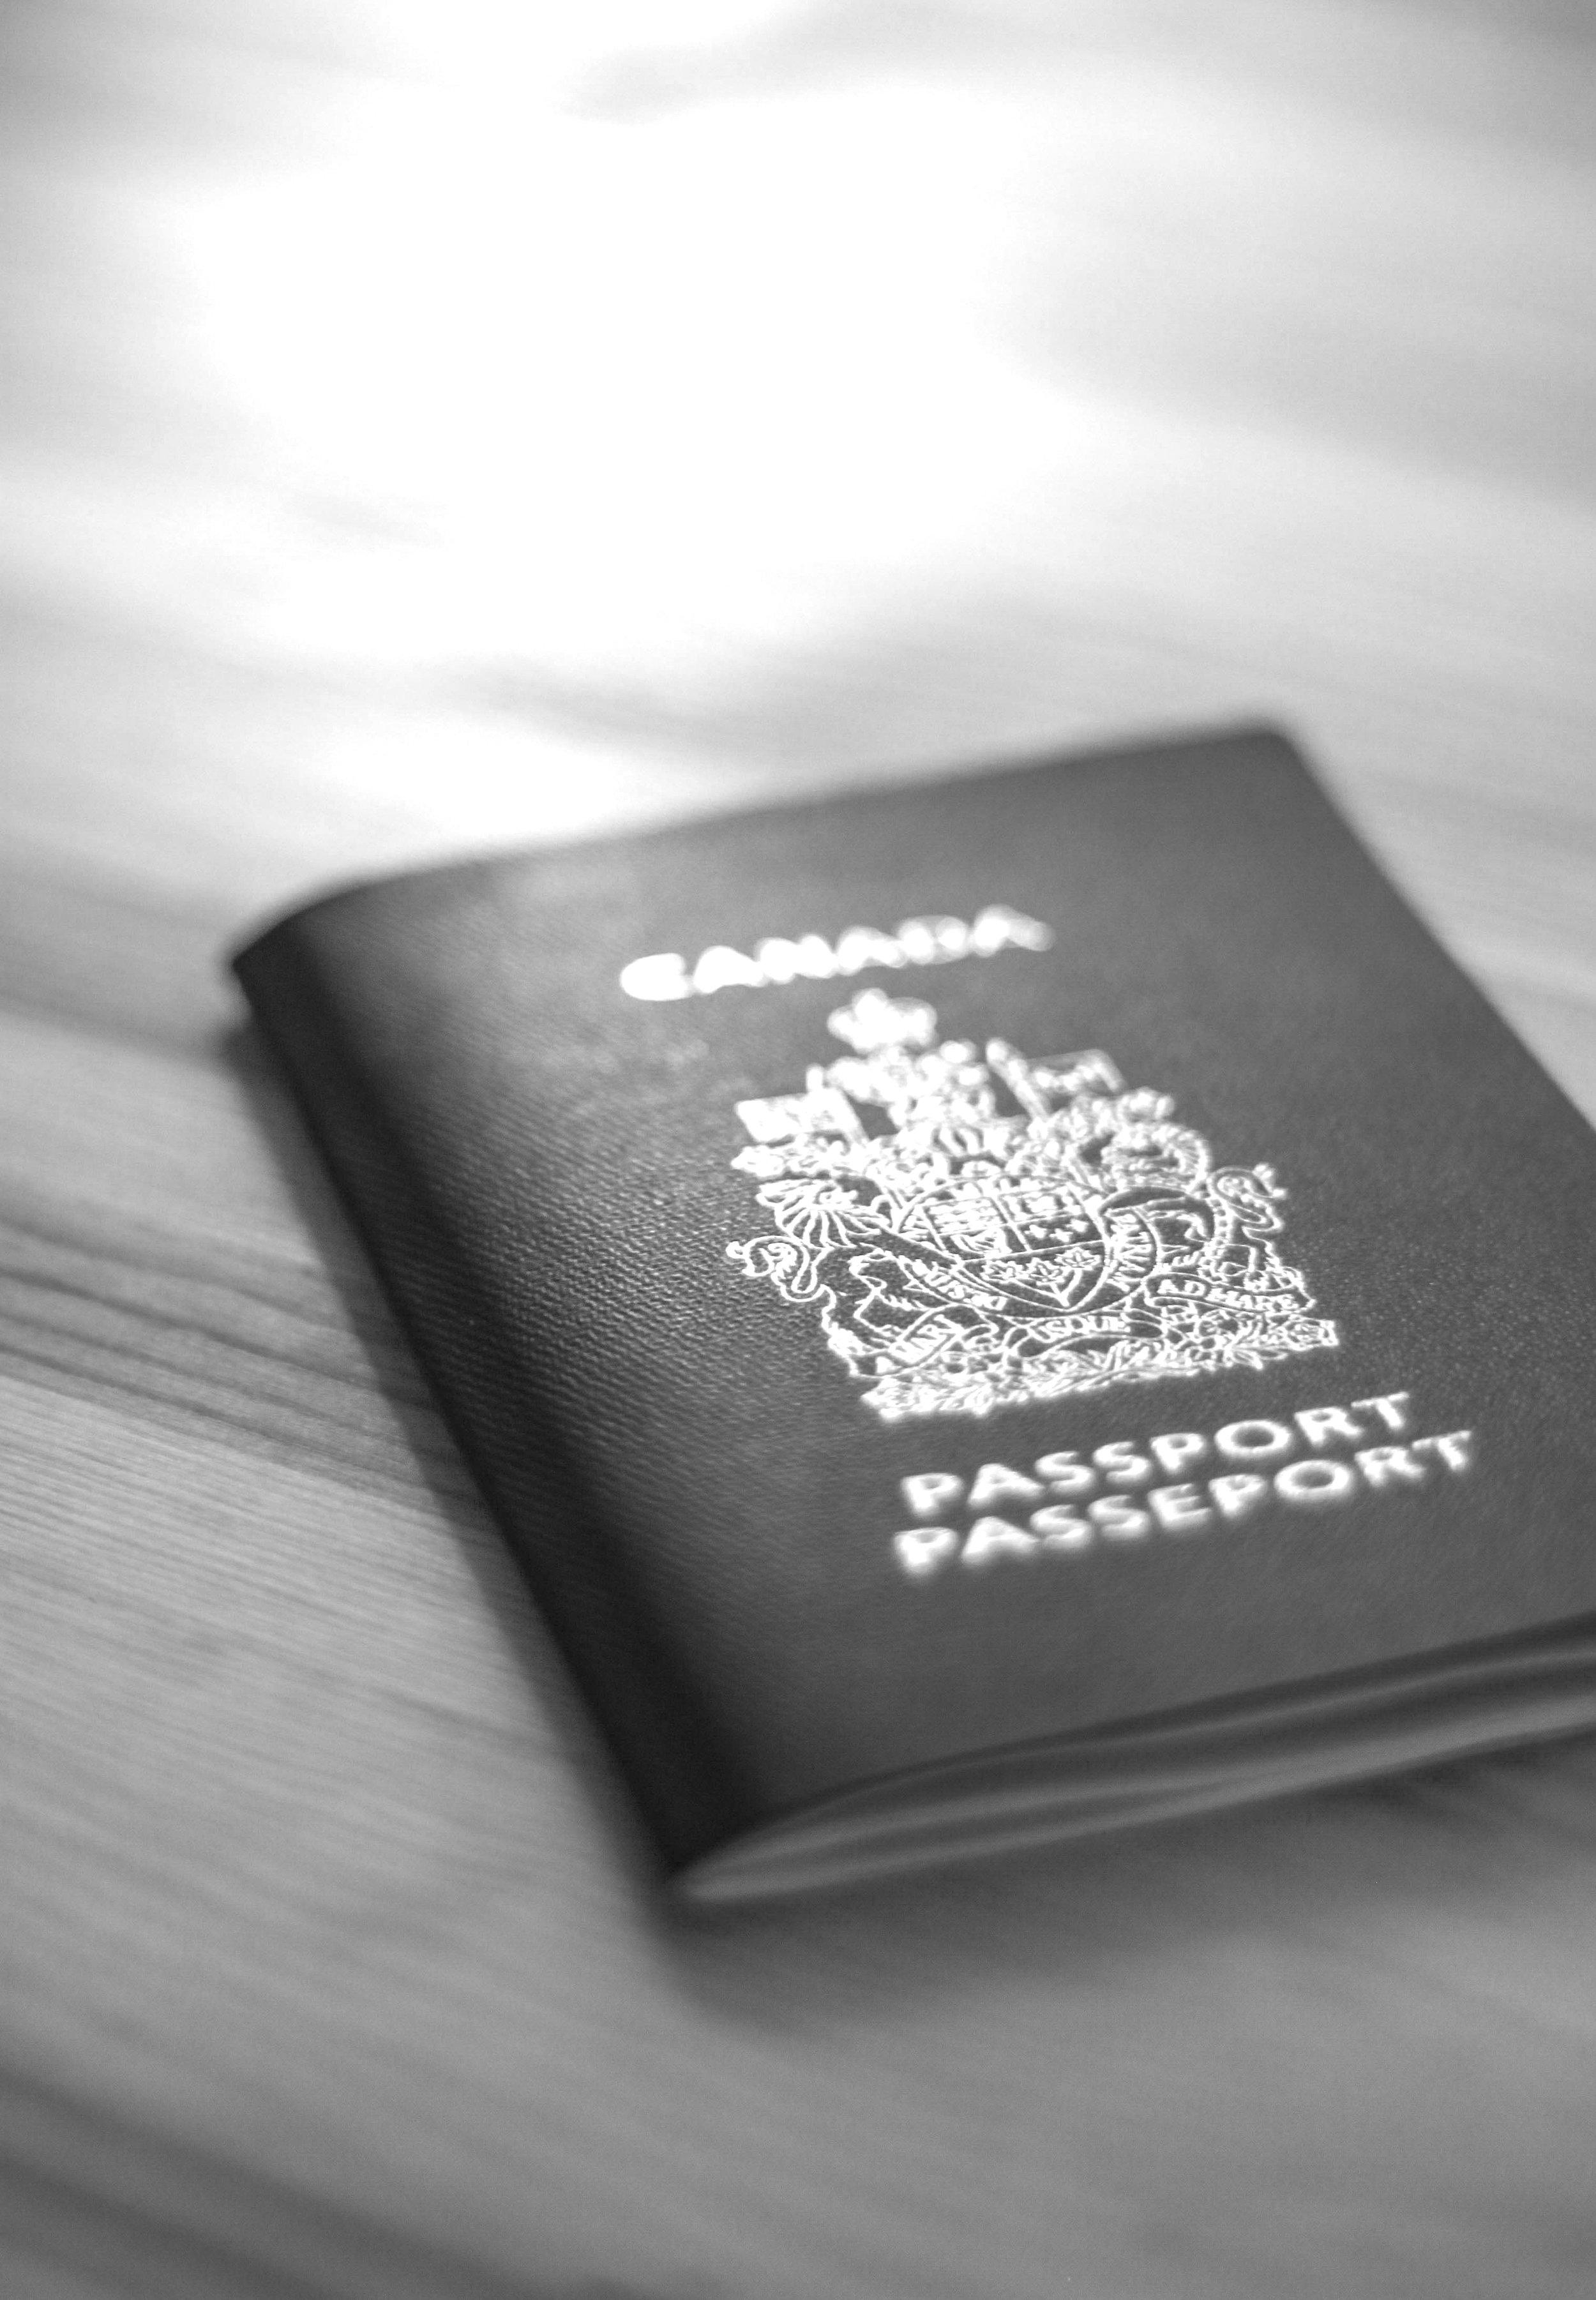 passport-933051.jpg